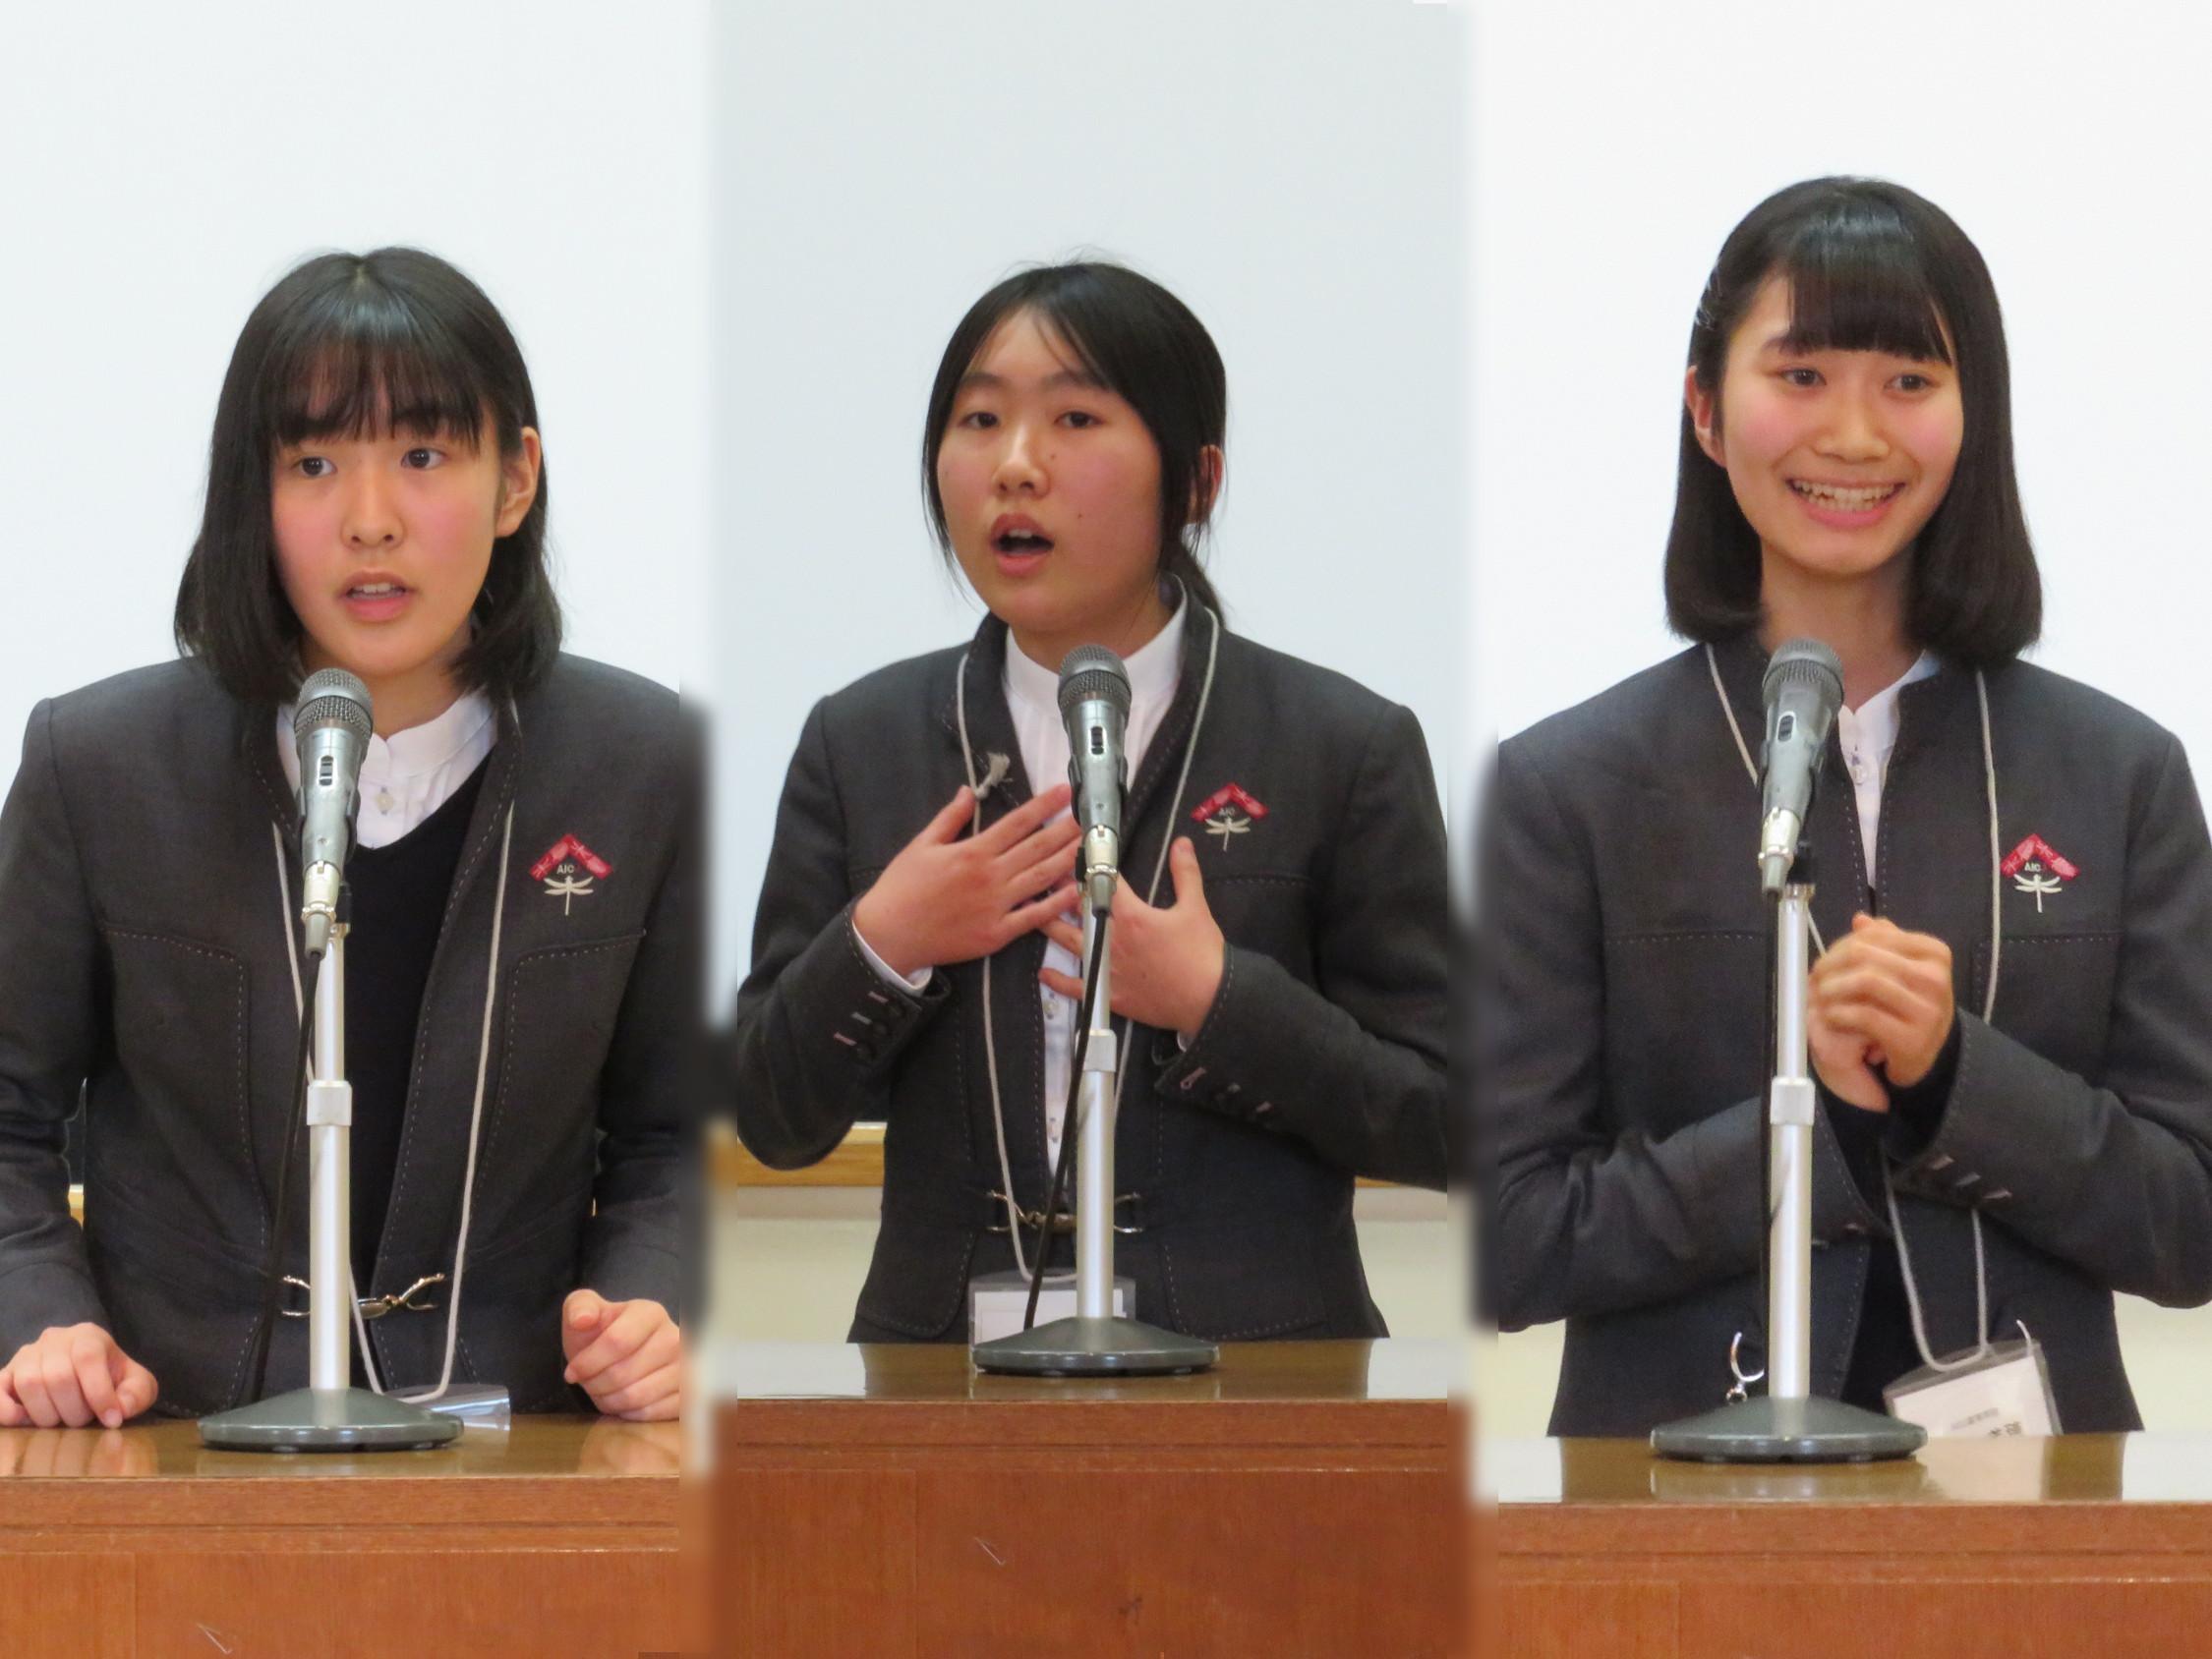 第15回広島県高校生英語スピーチコンテストへ参加